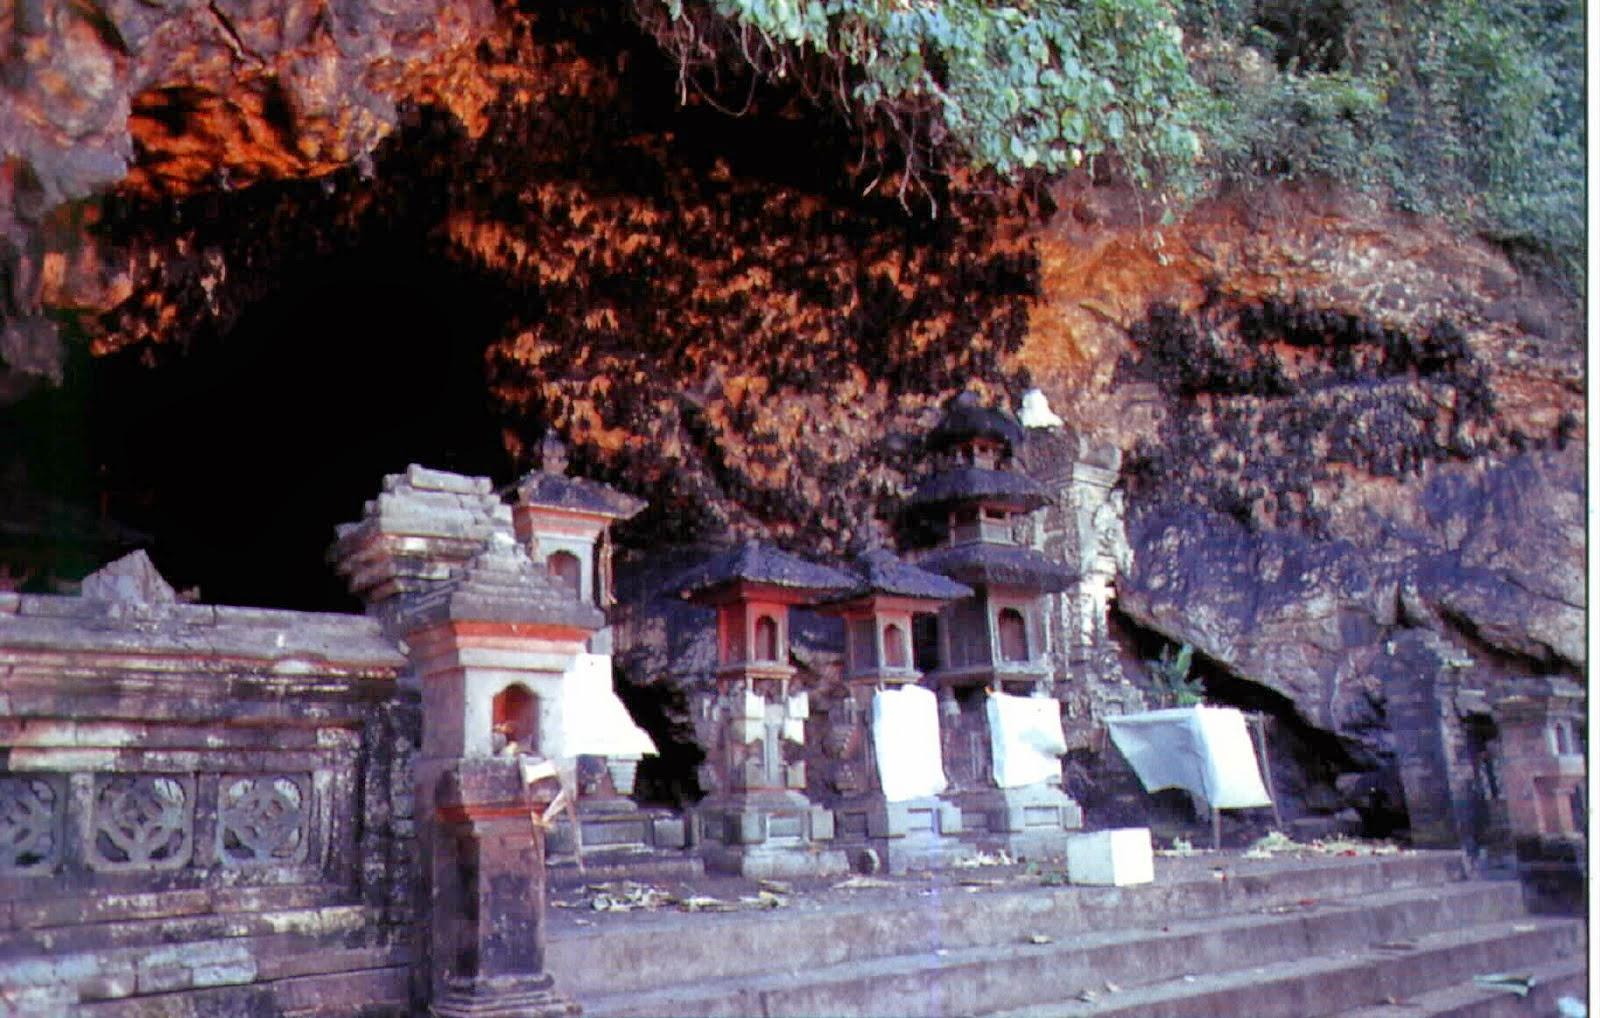 Bali Beach: Goa Lawah Bat Cave Temple